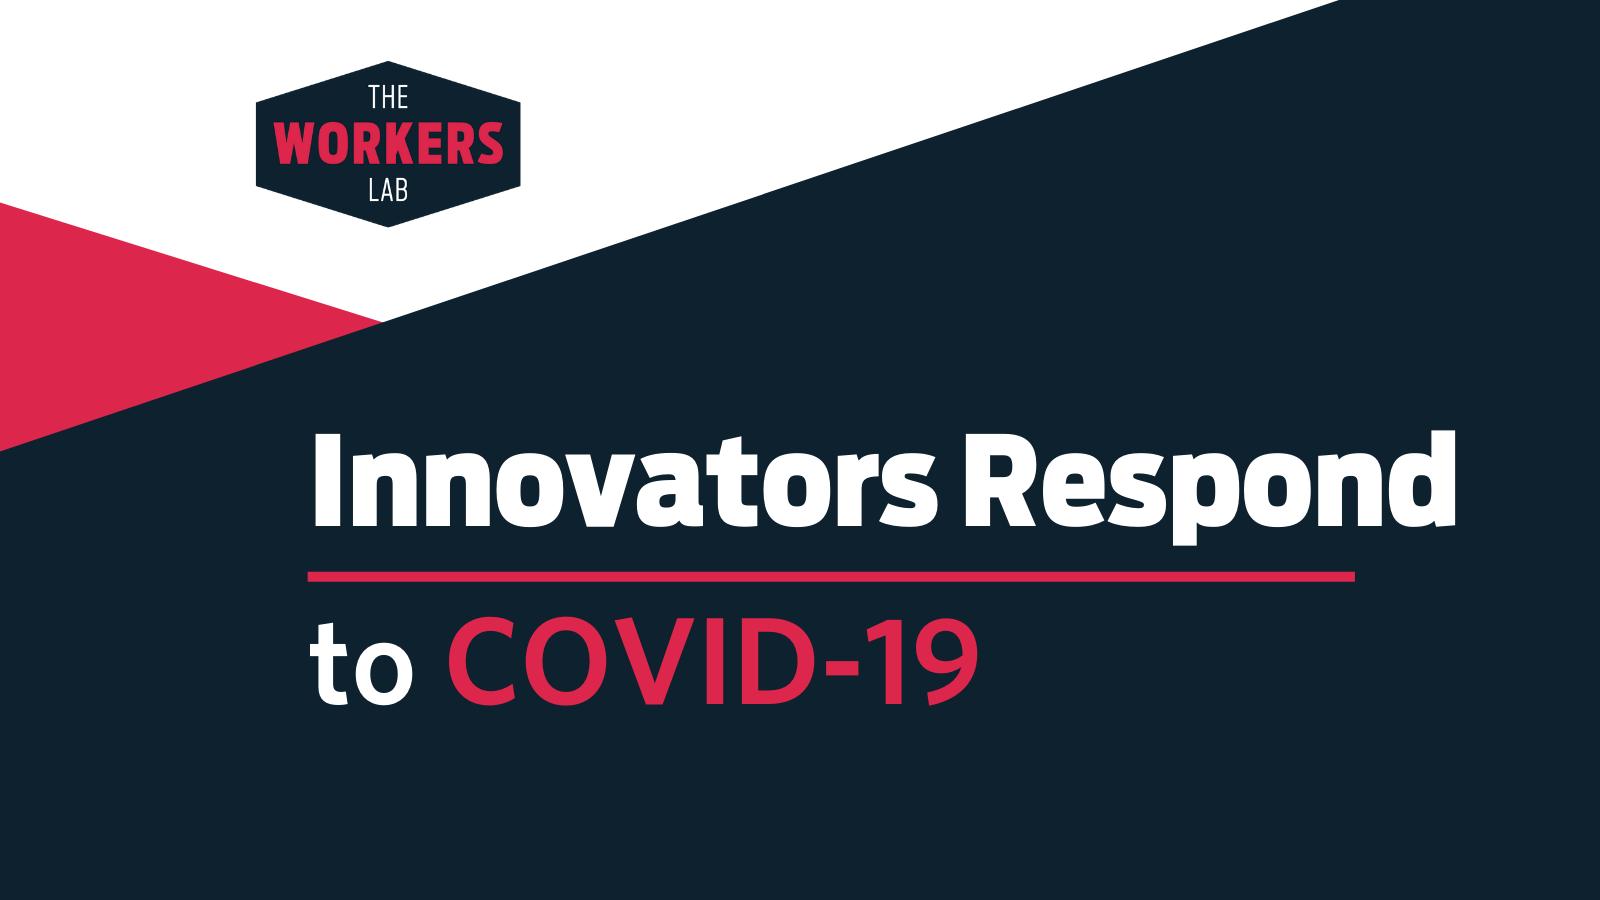 Innovators Respond to COVID-19